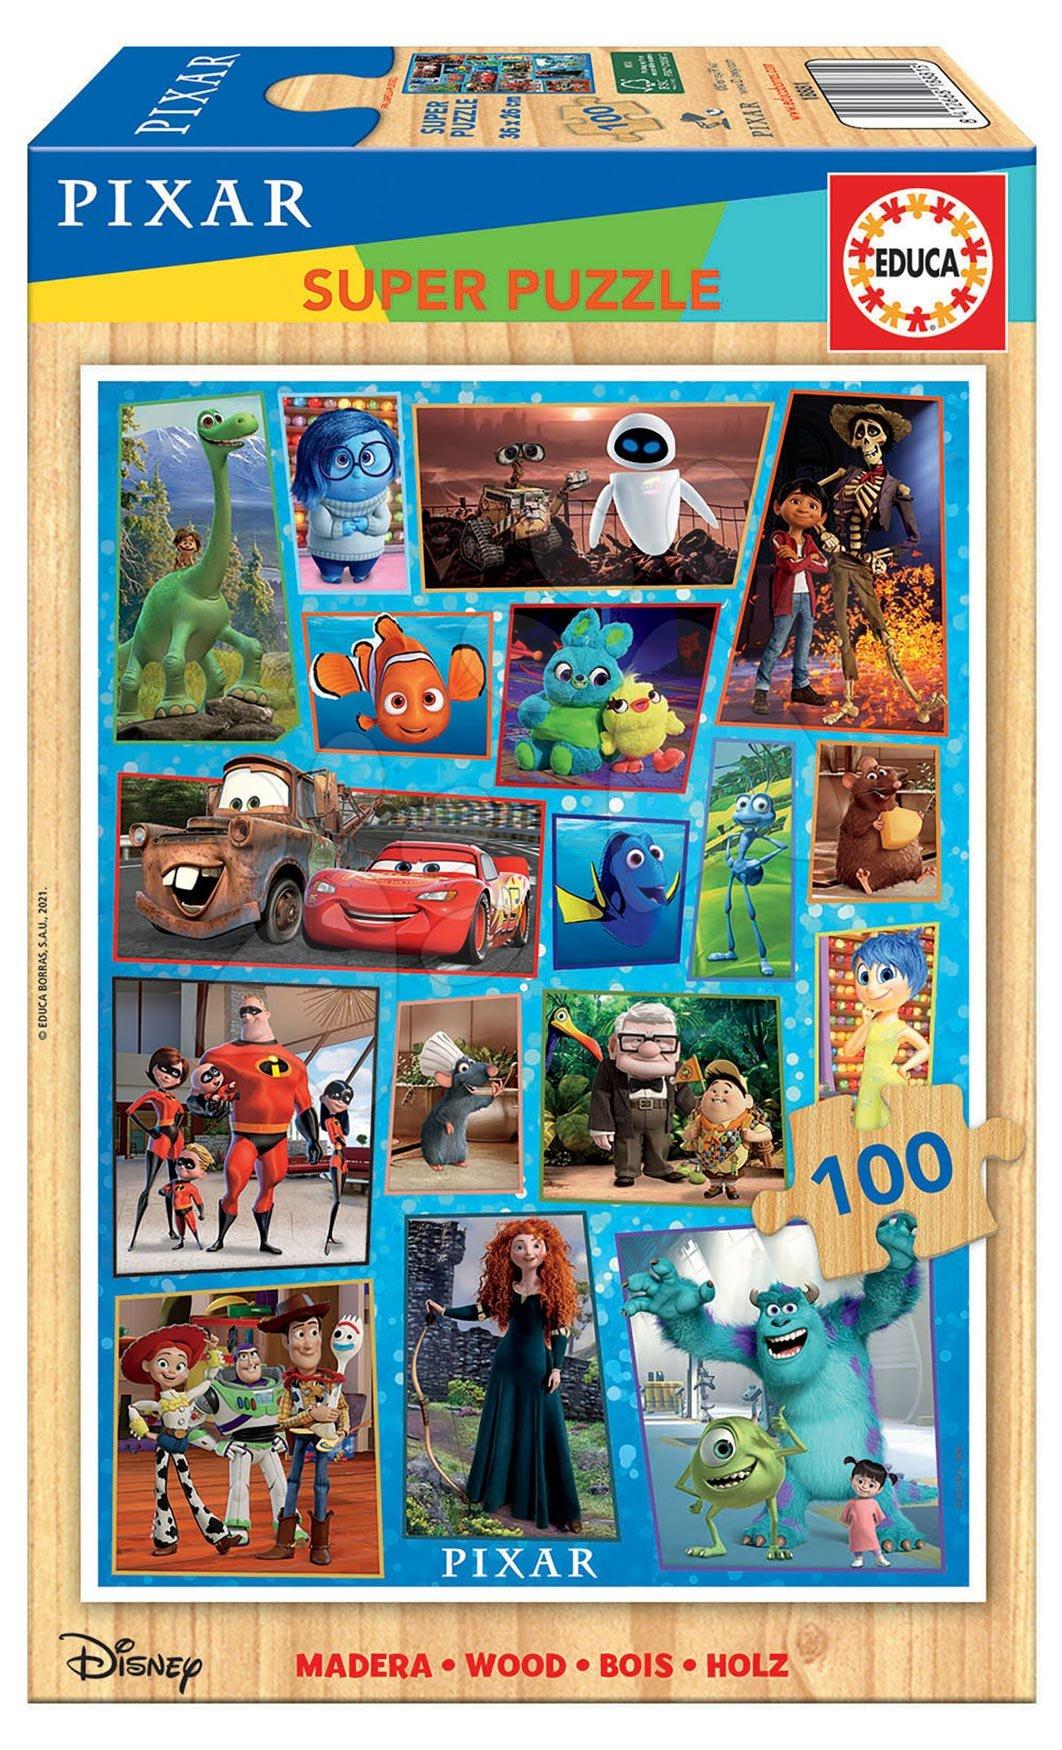 Drevené puzzle Pixar Disney Educa 100 dielov od 5 rokov